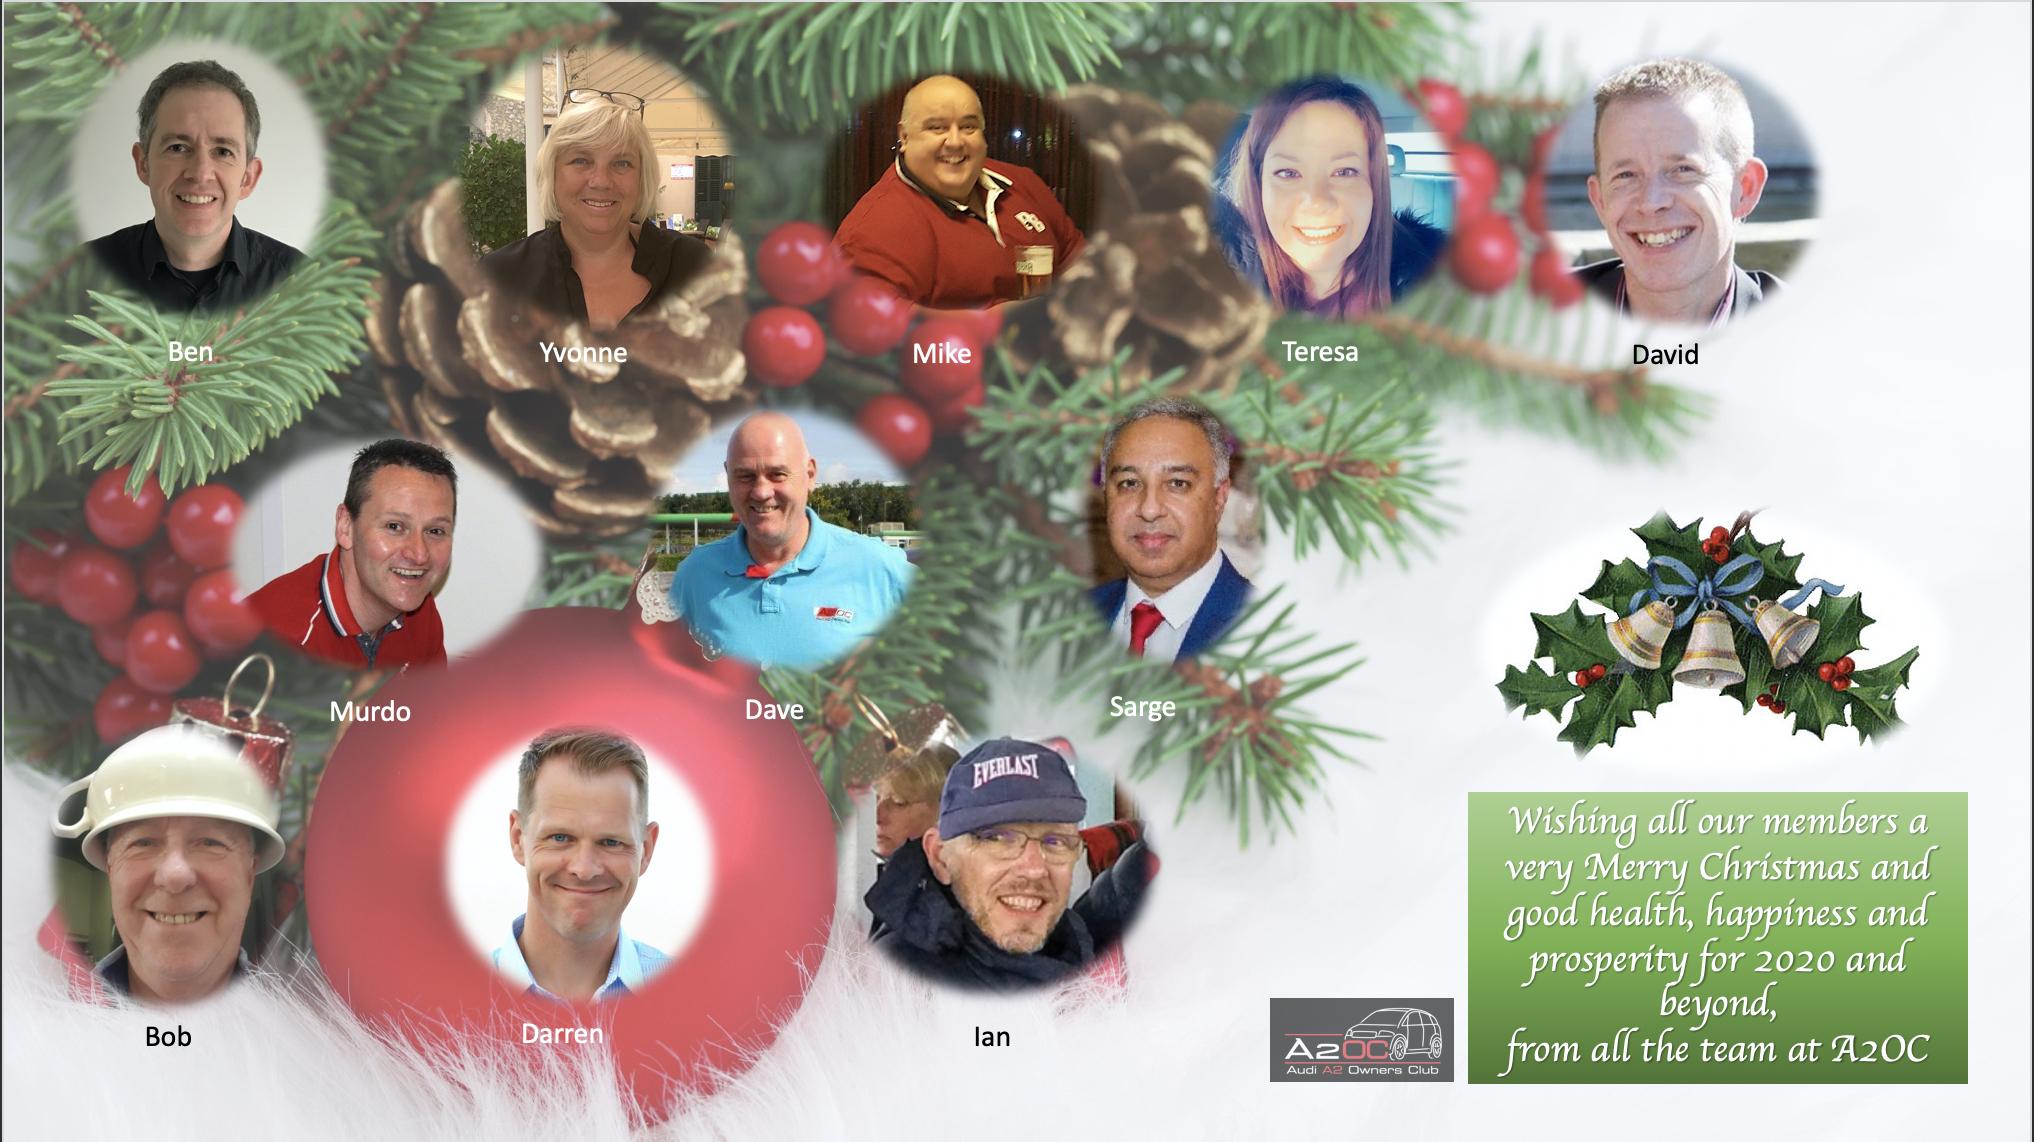 A2OC Christmas Card 2019.jpg